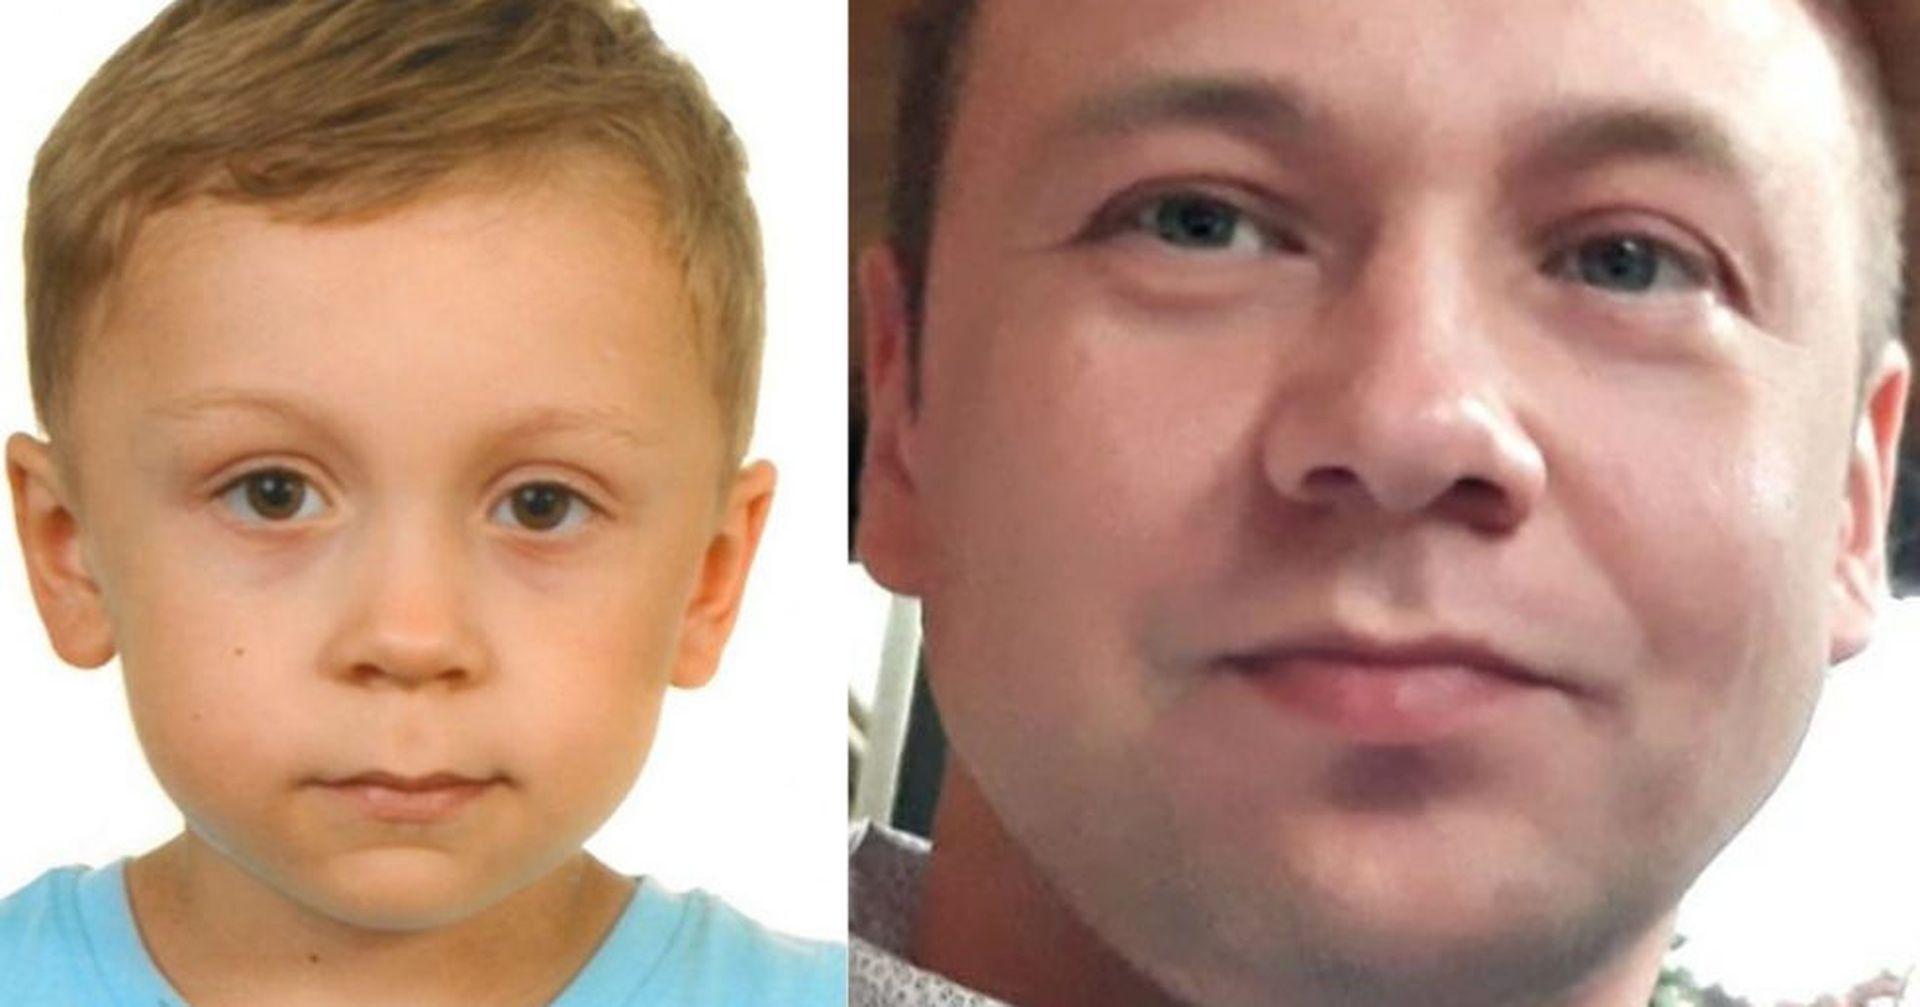 Policja odnalazła ciało 5-letniego Dawida. Sprawdził się najbardziej tragiczny scenariusz